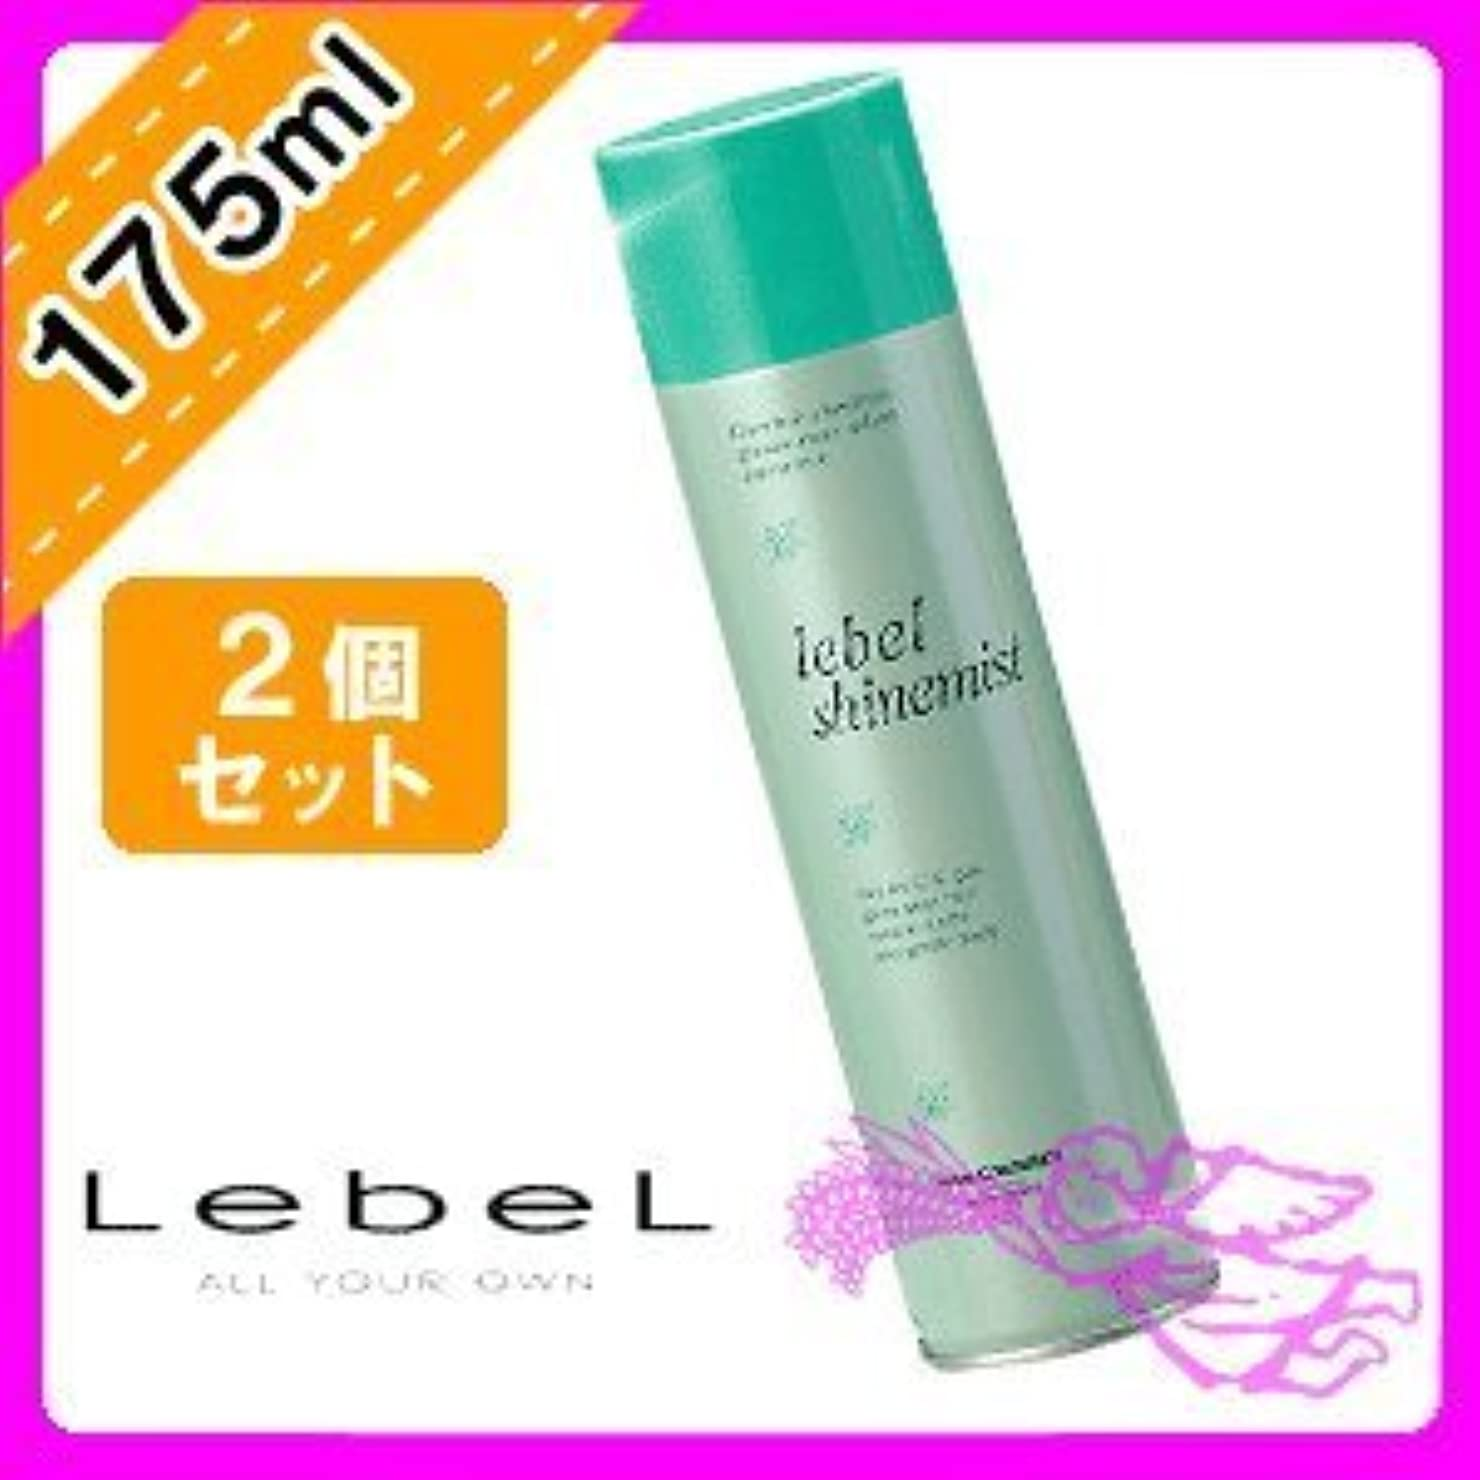 省予約雲ルベル シャインミスト 175g ×2個 セット 洗い流さないトリートメント ブラッシングやブローから髪を守り、 枝毛?切れ毛を防ぐ Lebel